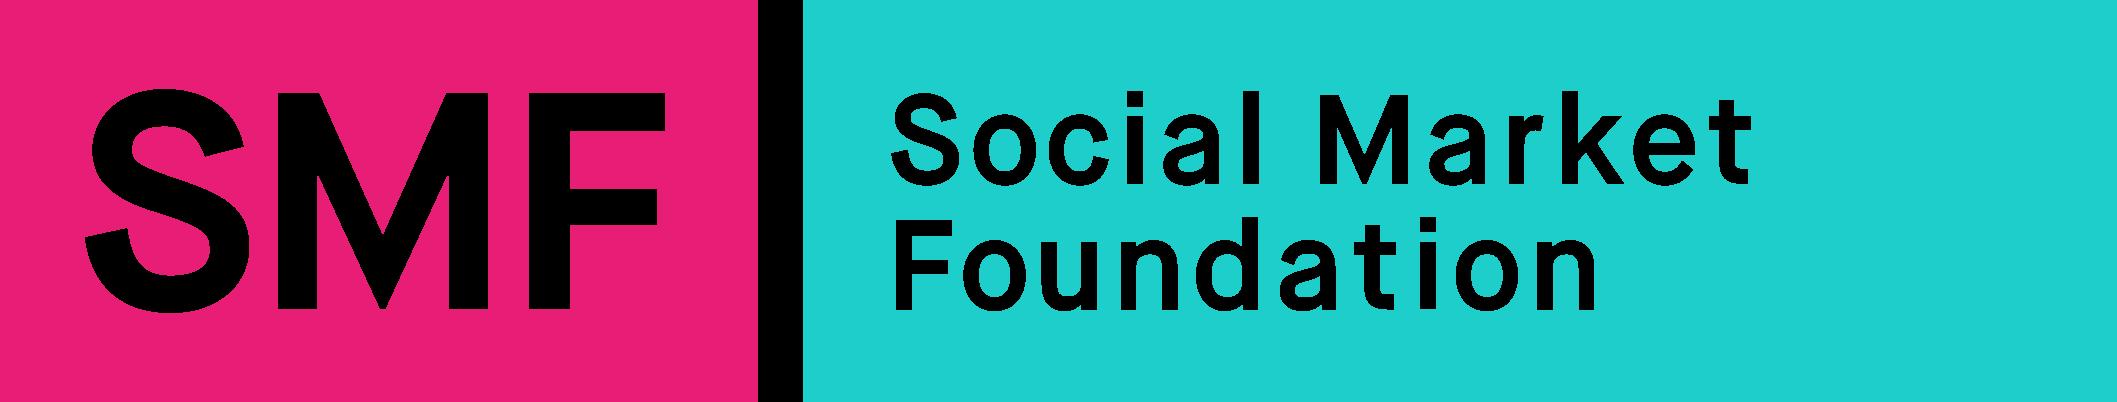 Social Market Foundation